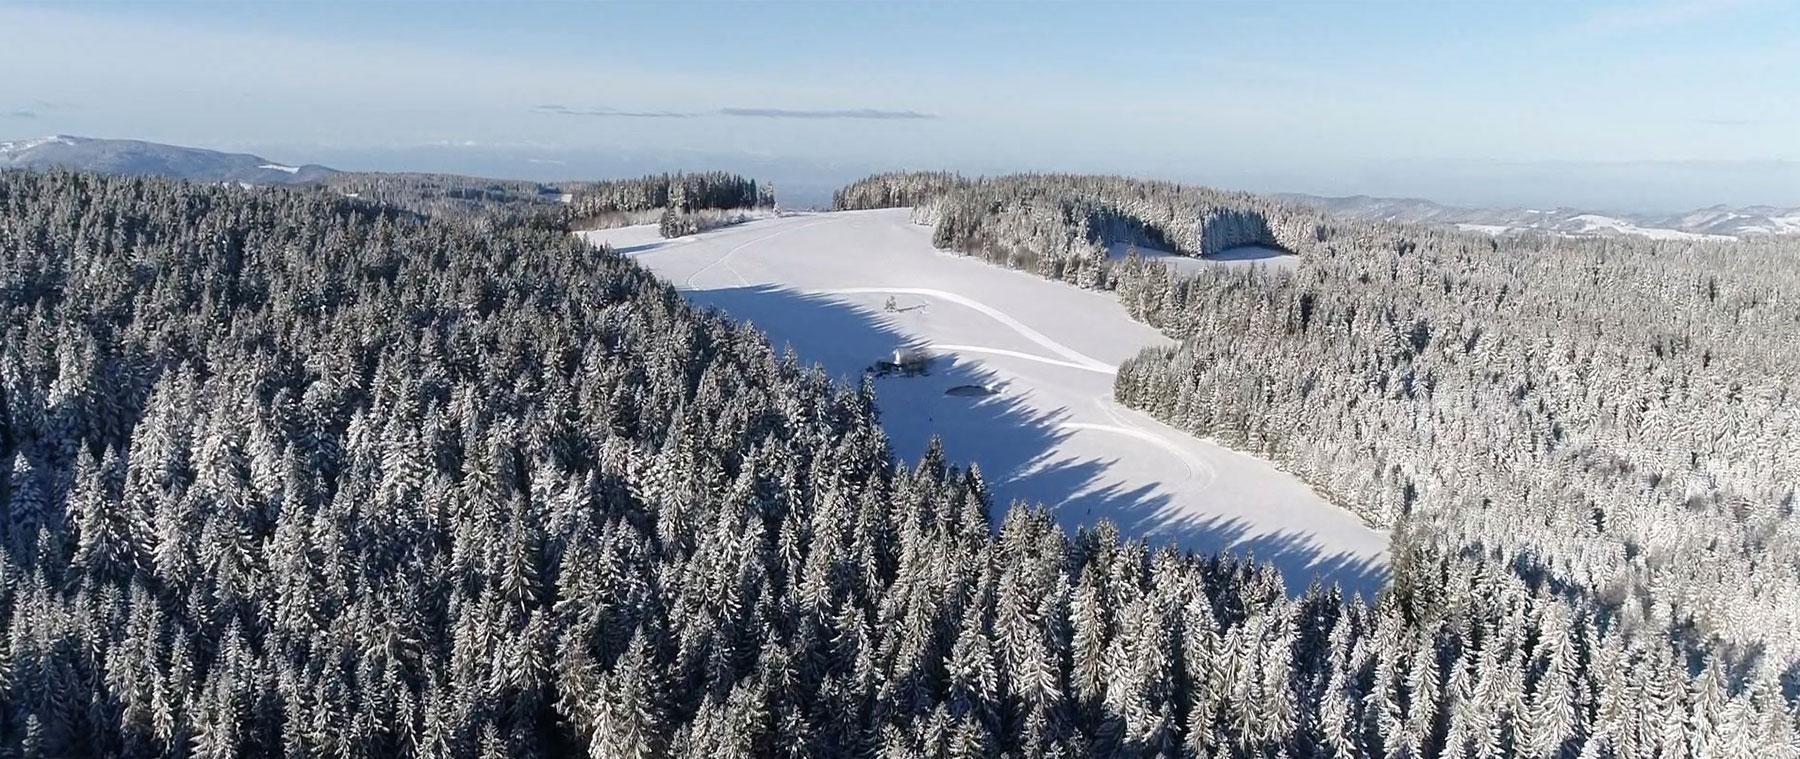 Wintertag im Schwarzwald